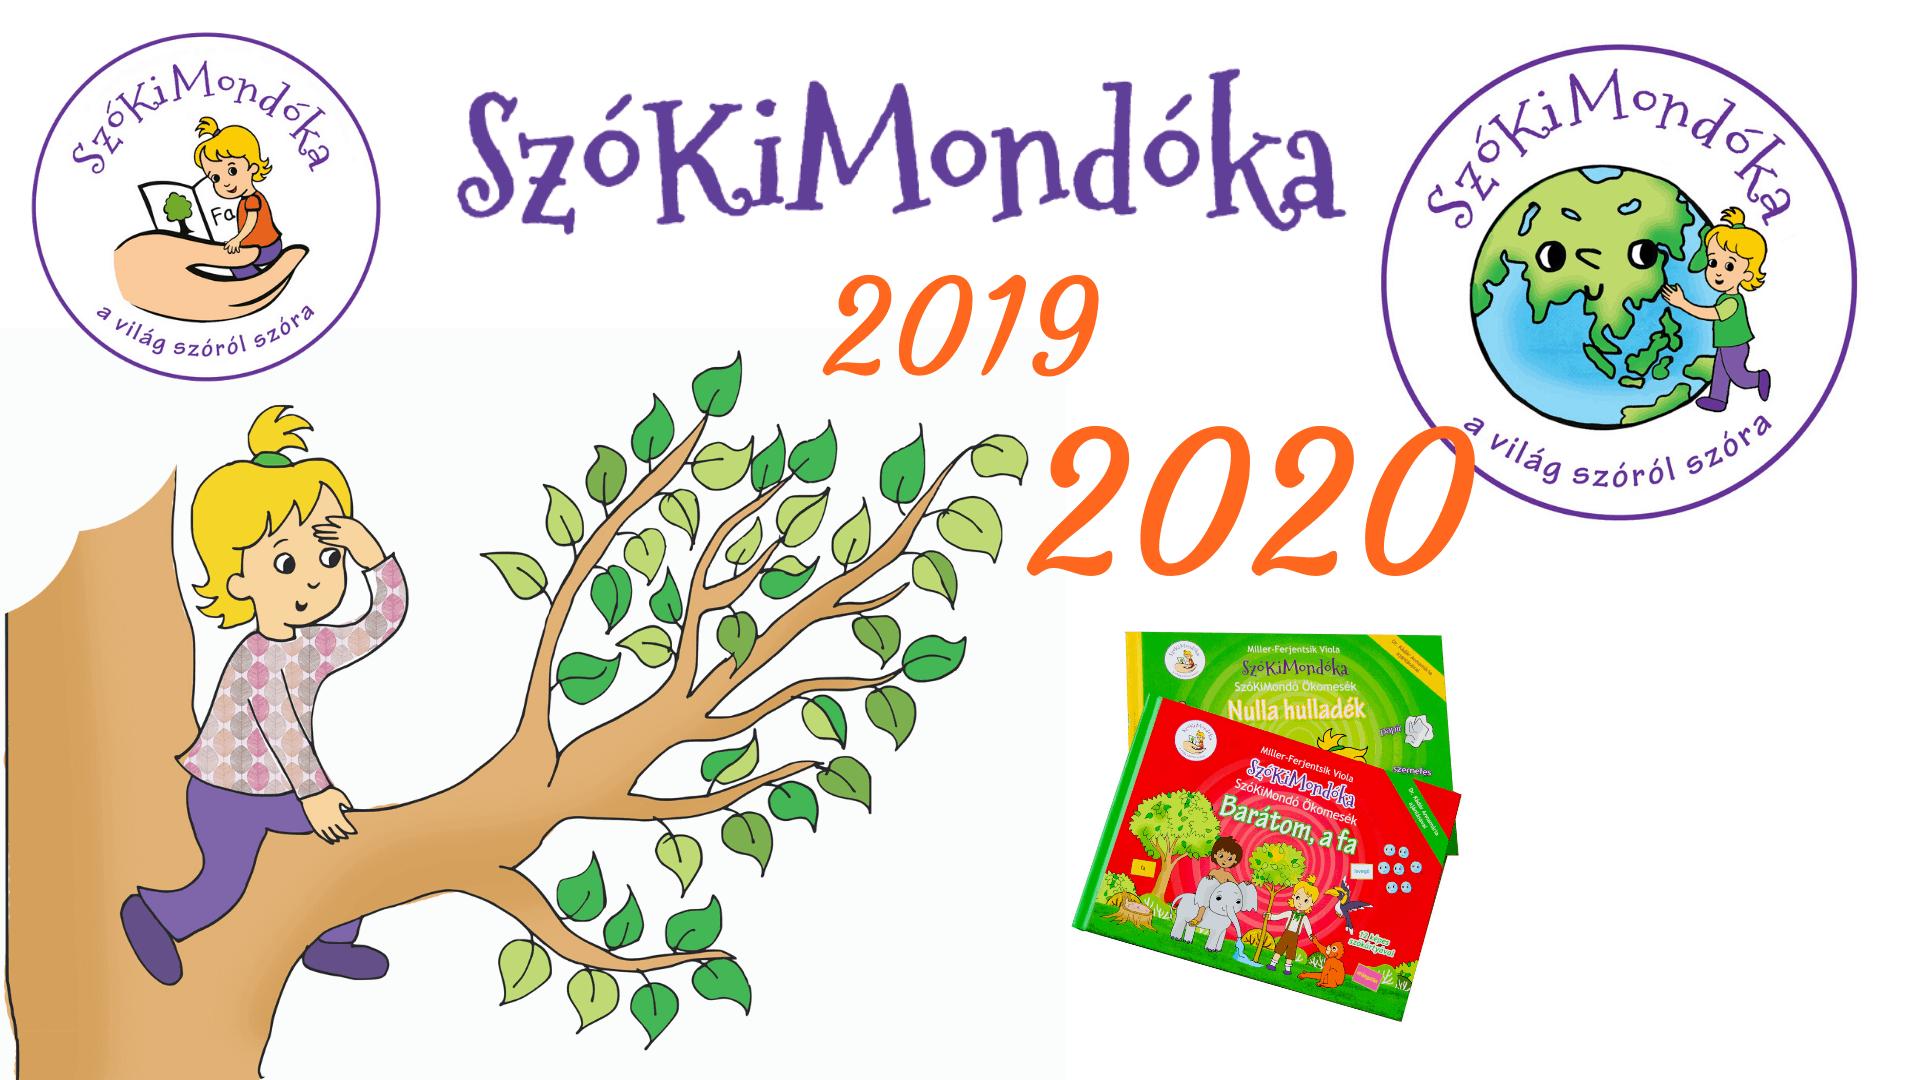 SzóKiMondóka 2020